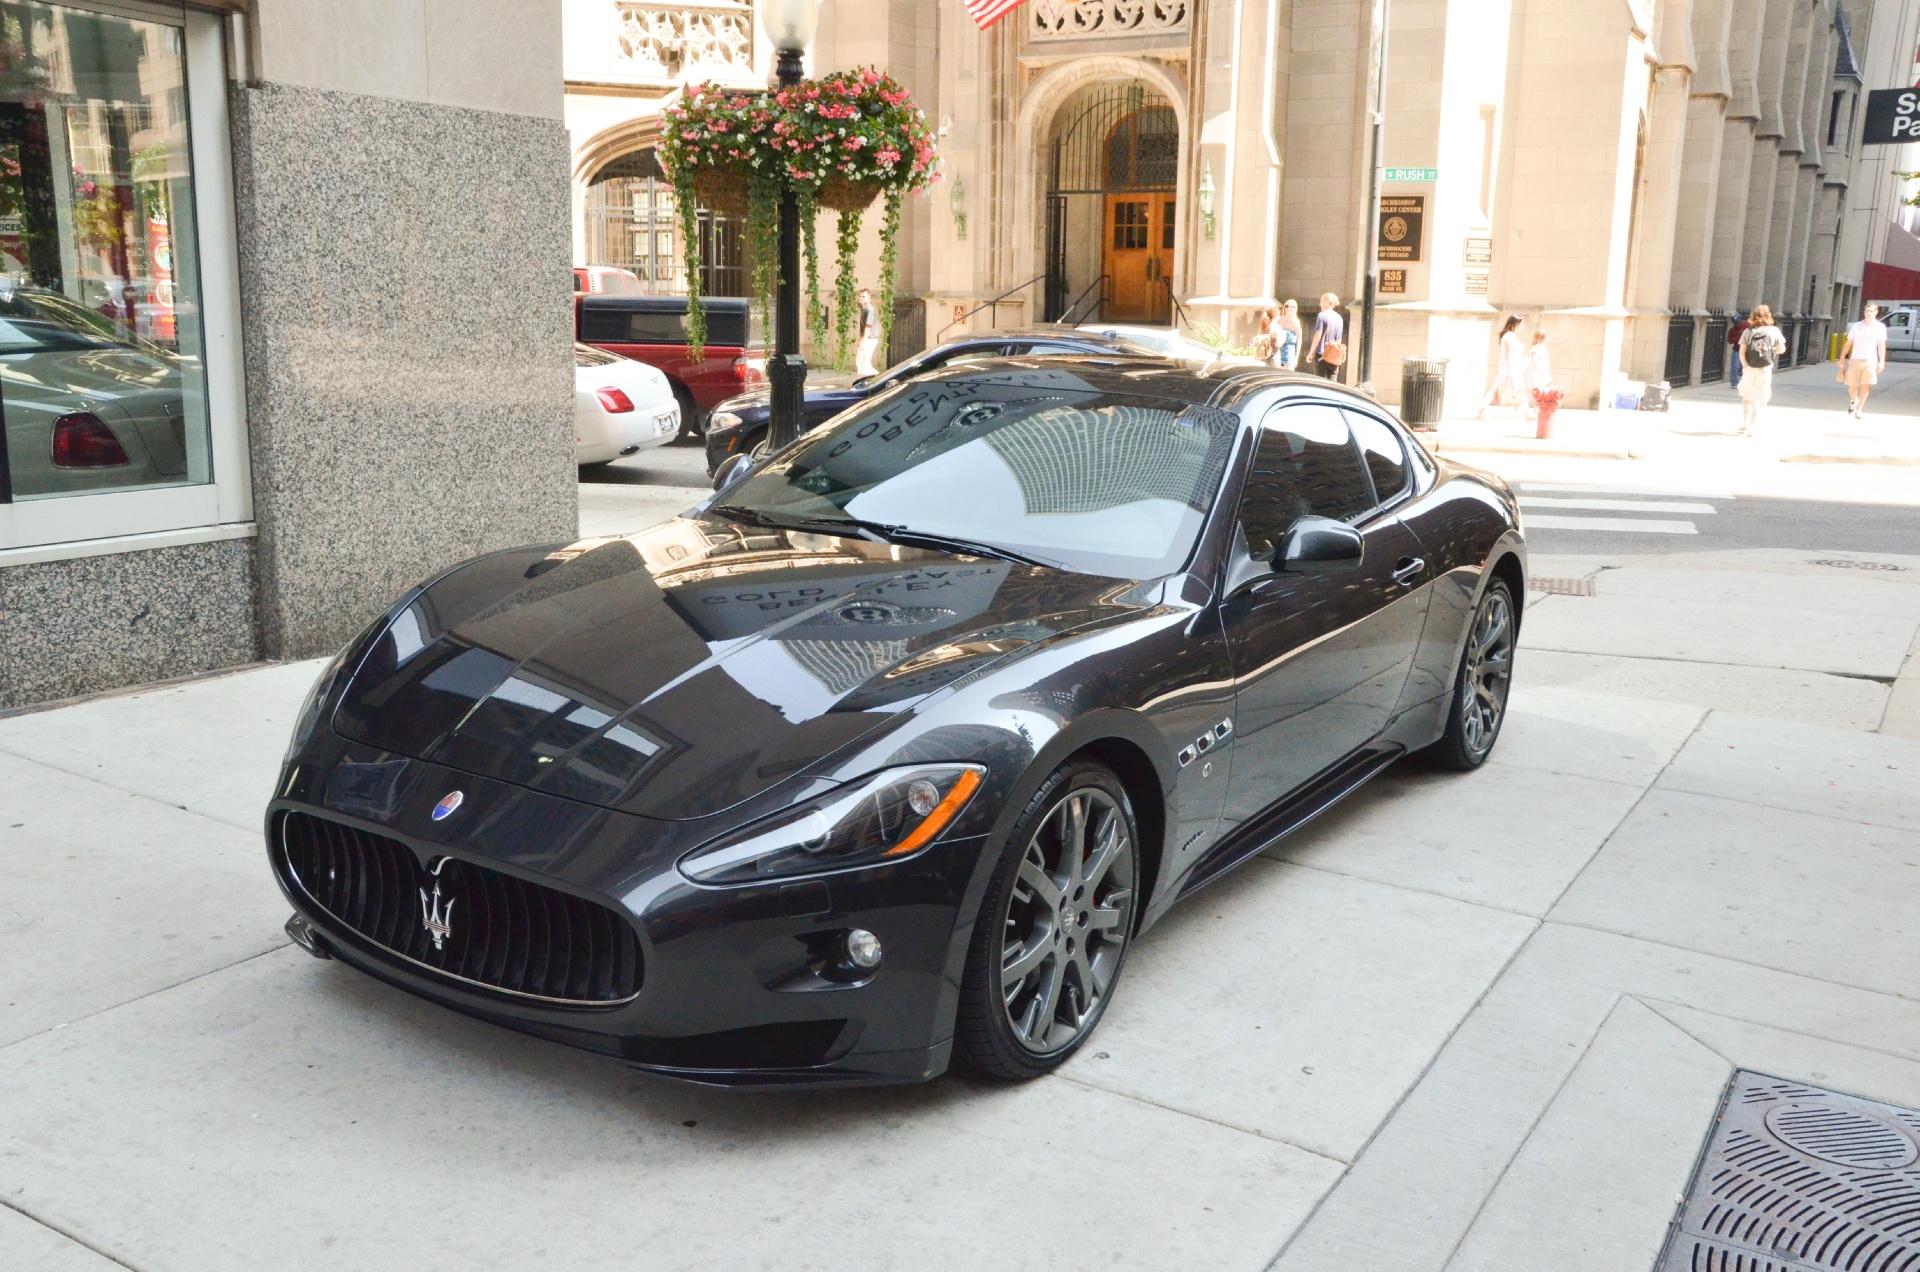 2012 Maserati GranTurismo S Automatic Stock # 65120-S for ...